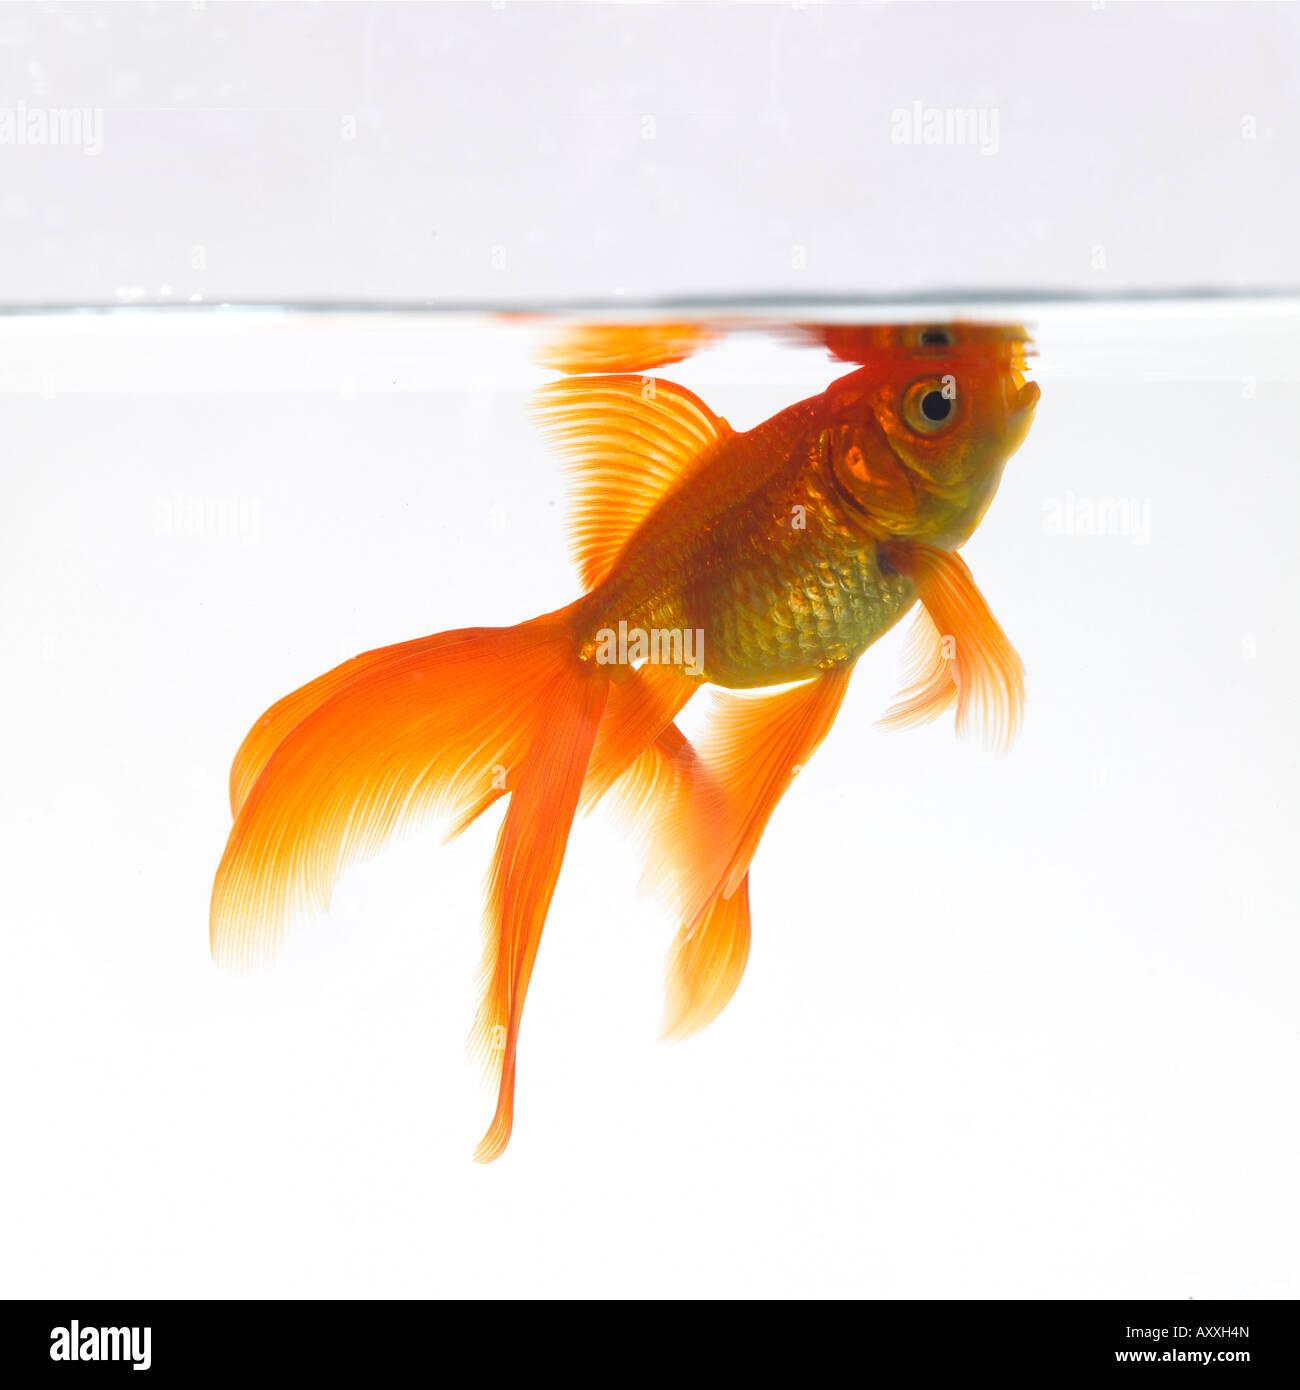 Goldfische knapp unterhalb der Oberfläche des Wassers Stockbild